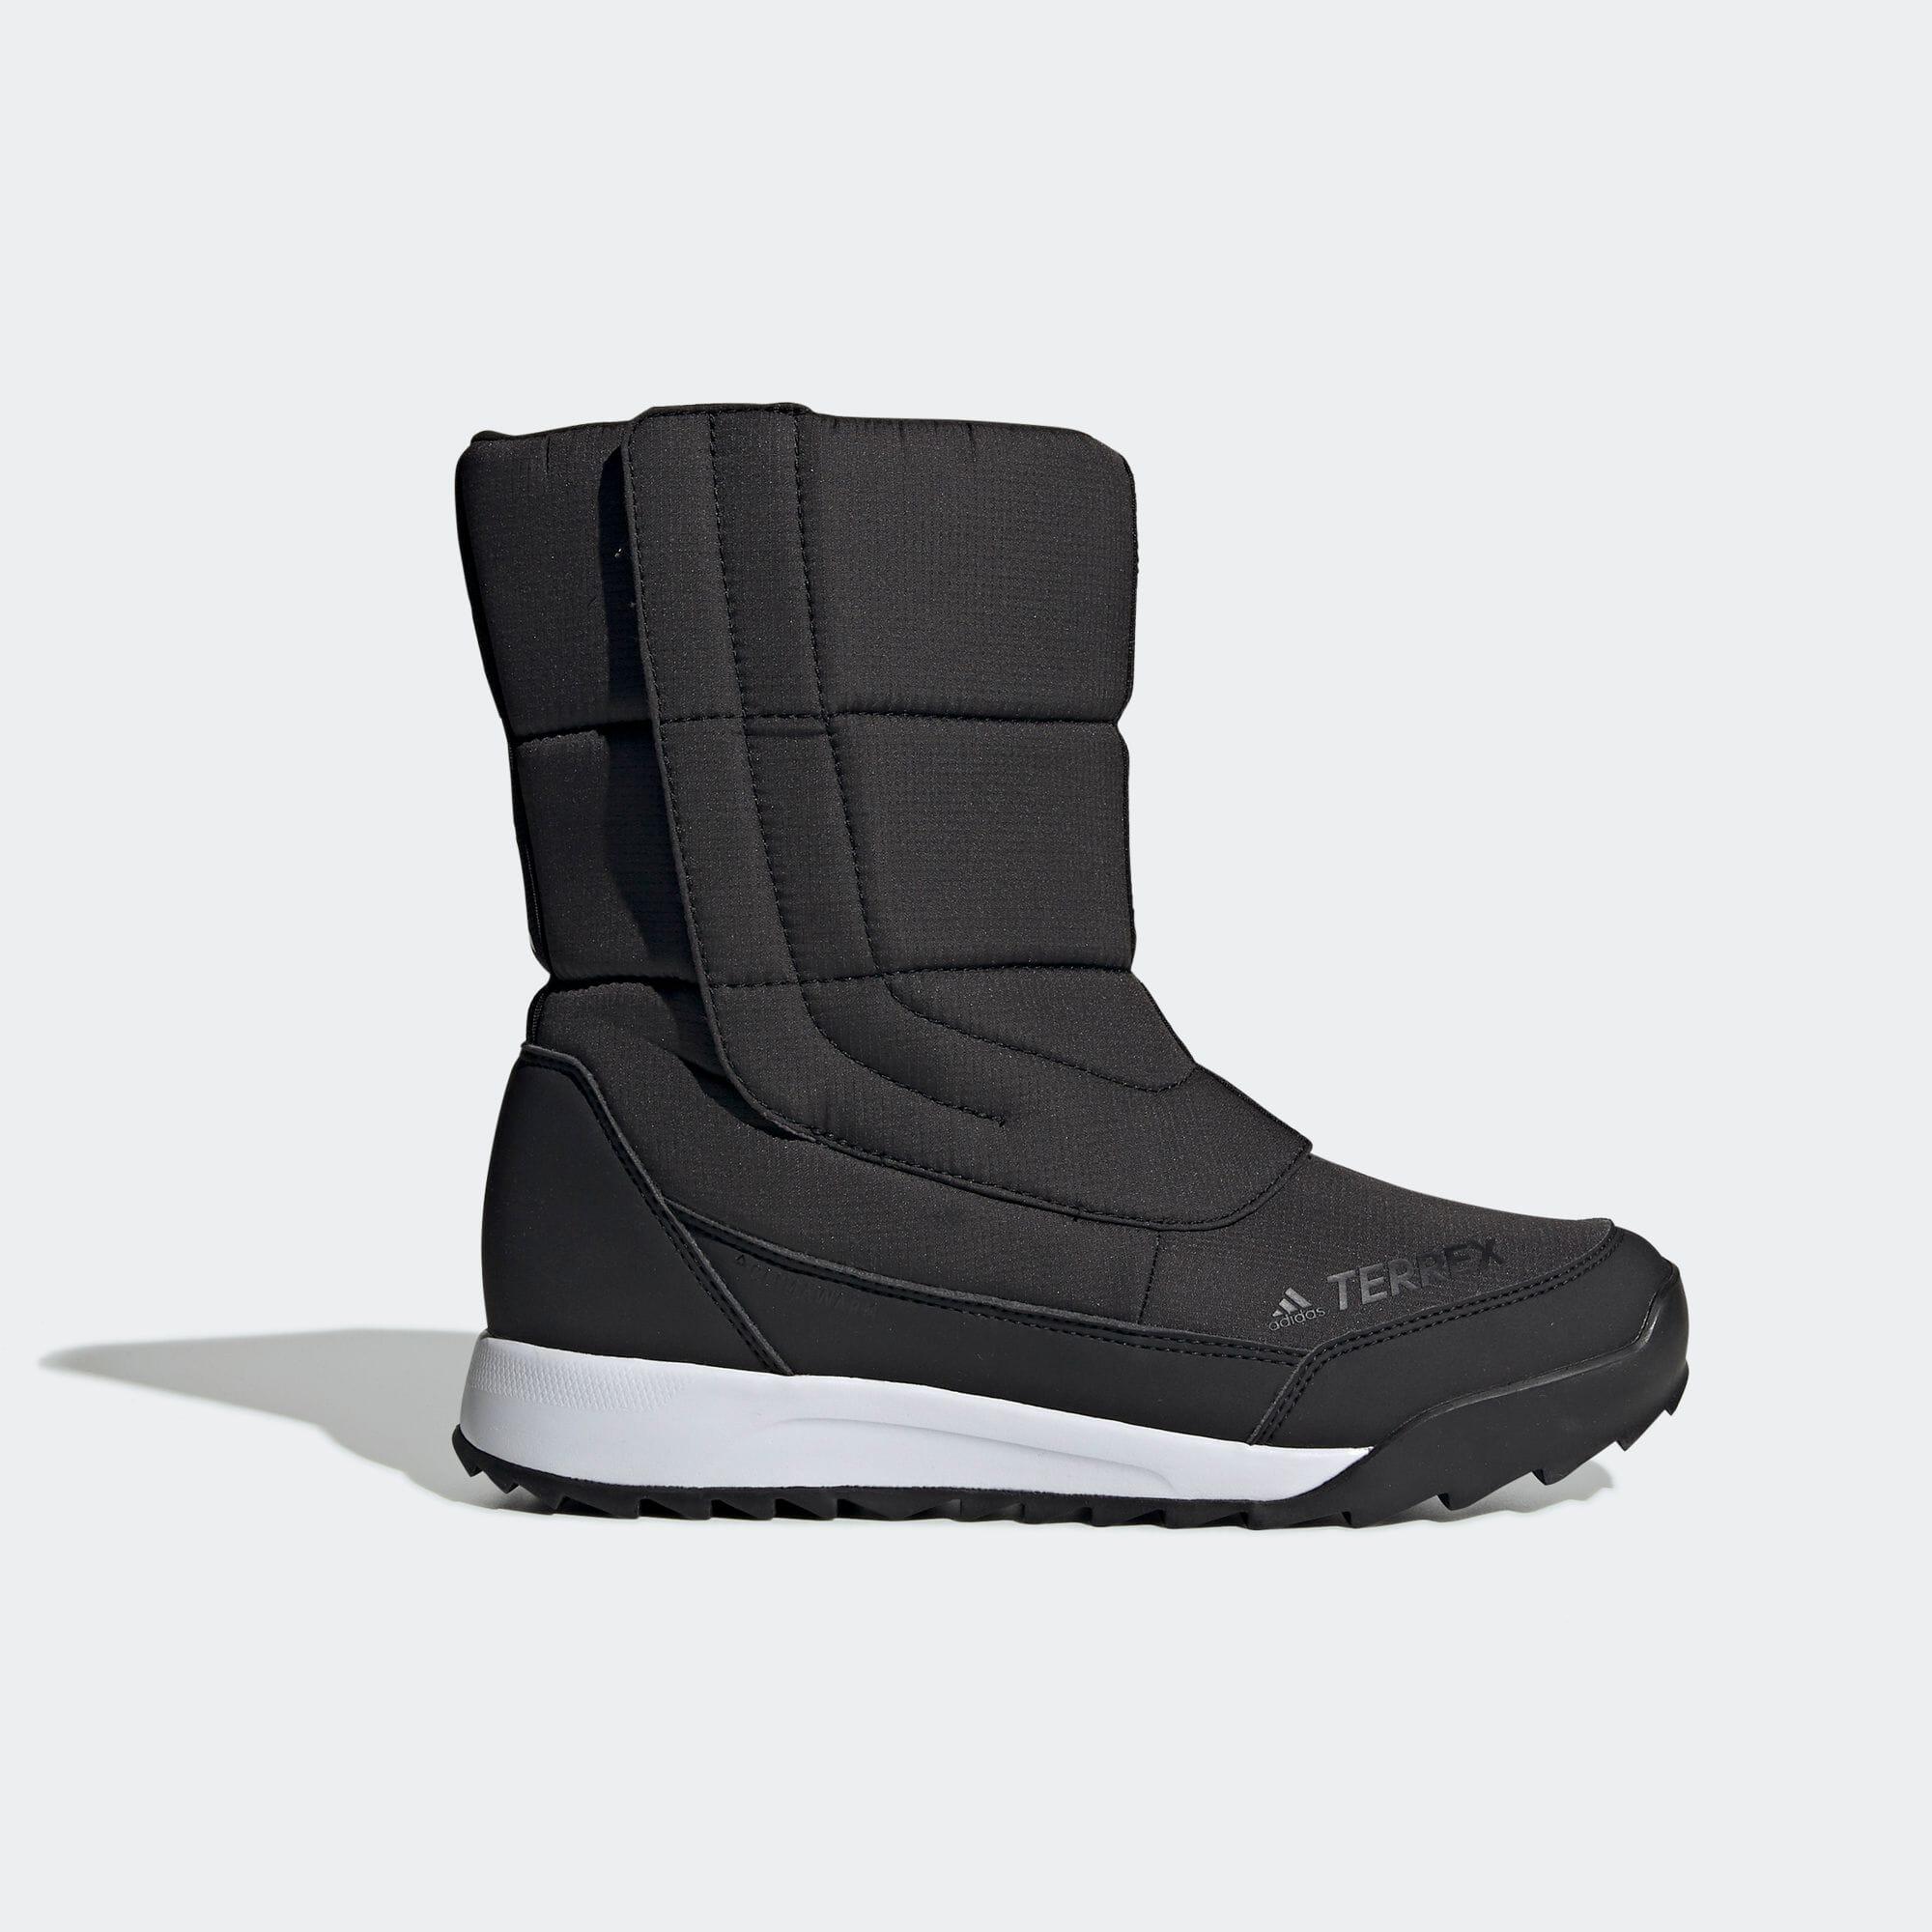 テレックス Choleah クライマウォーム ブーツ / Terrex Choleah Climawarm Boots